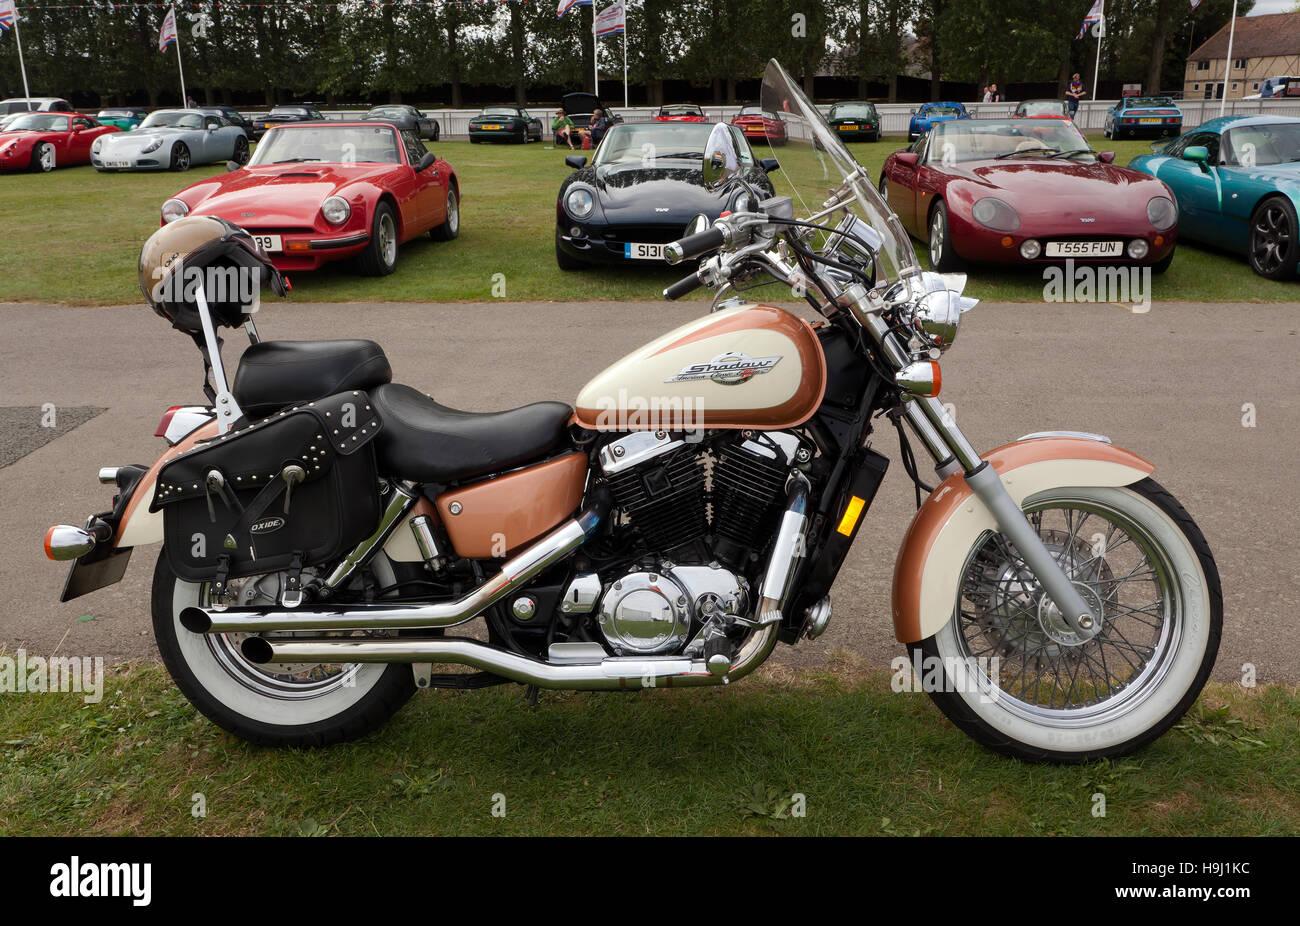 Bild Von Einem Honda Shadow Motorrad American Classic Edition In Der Bereiche Silverstone Car Club